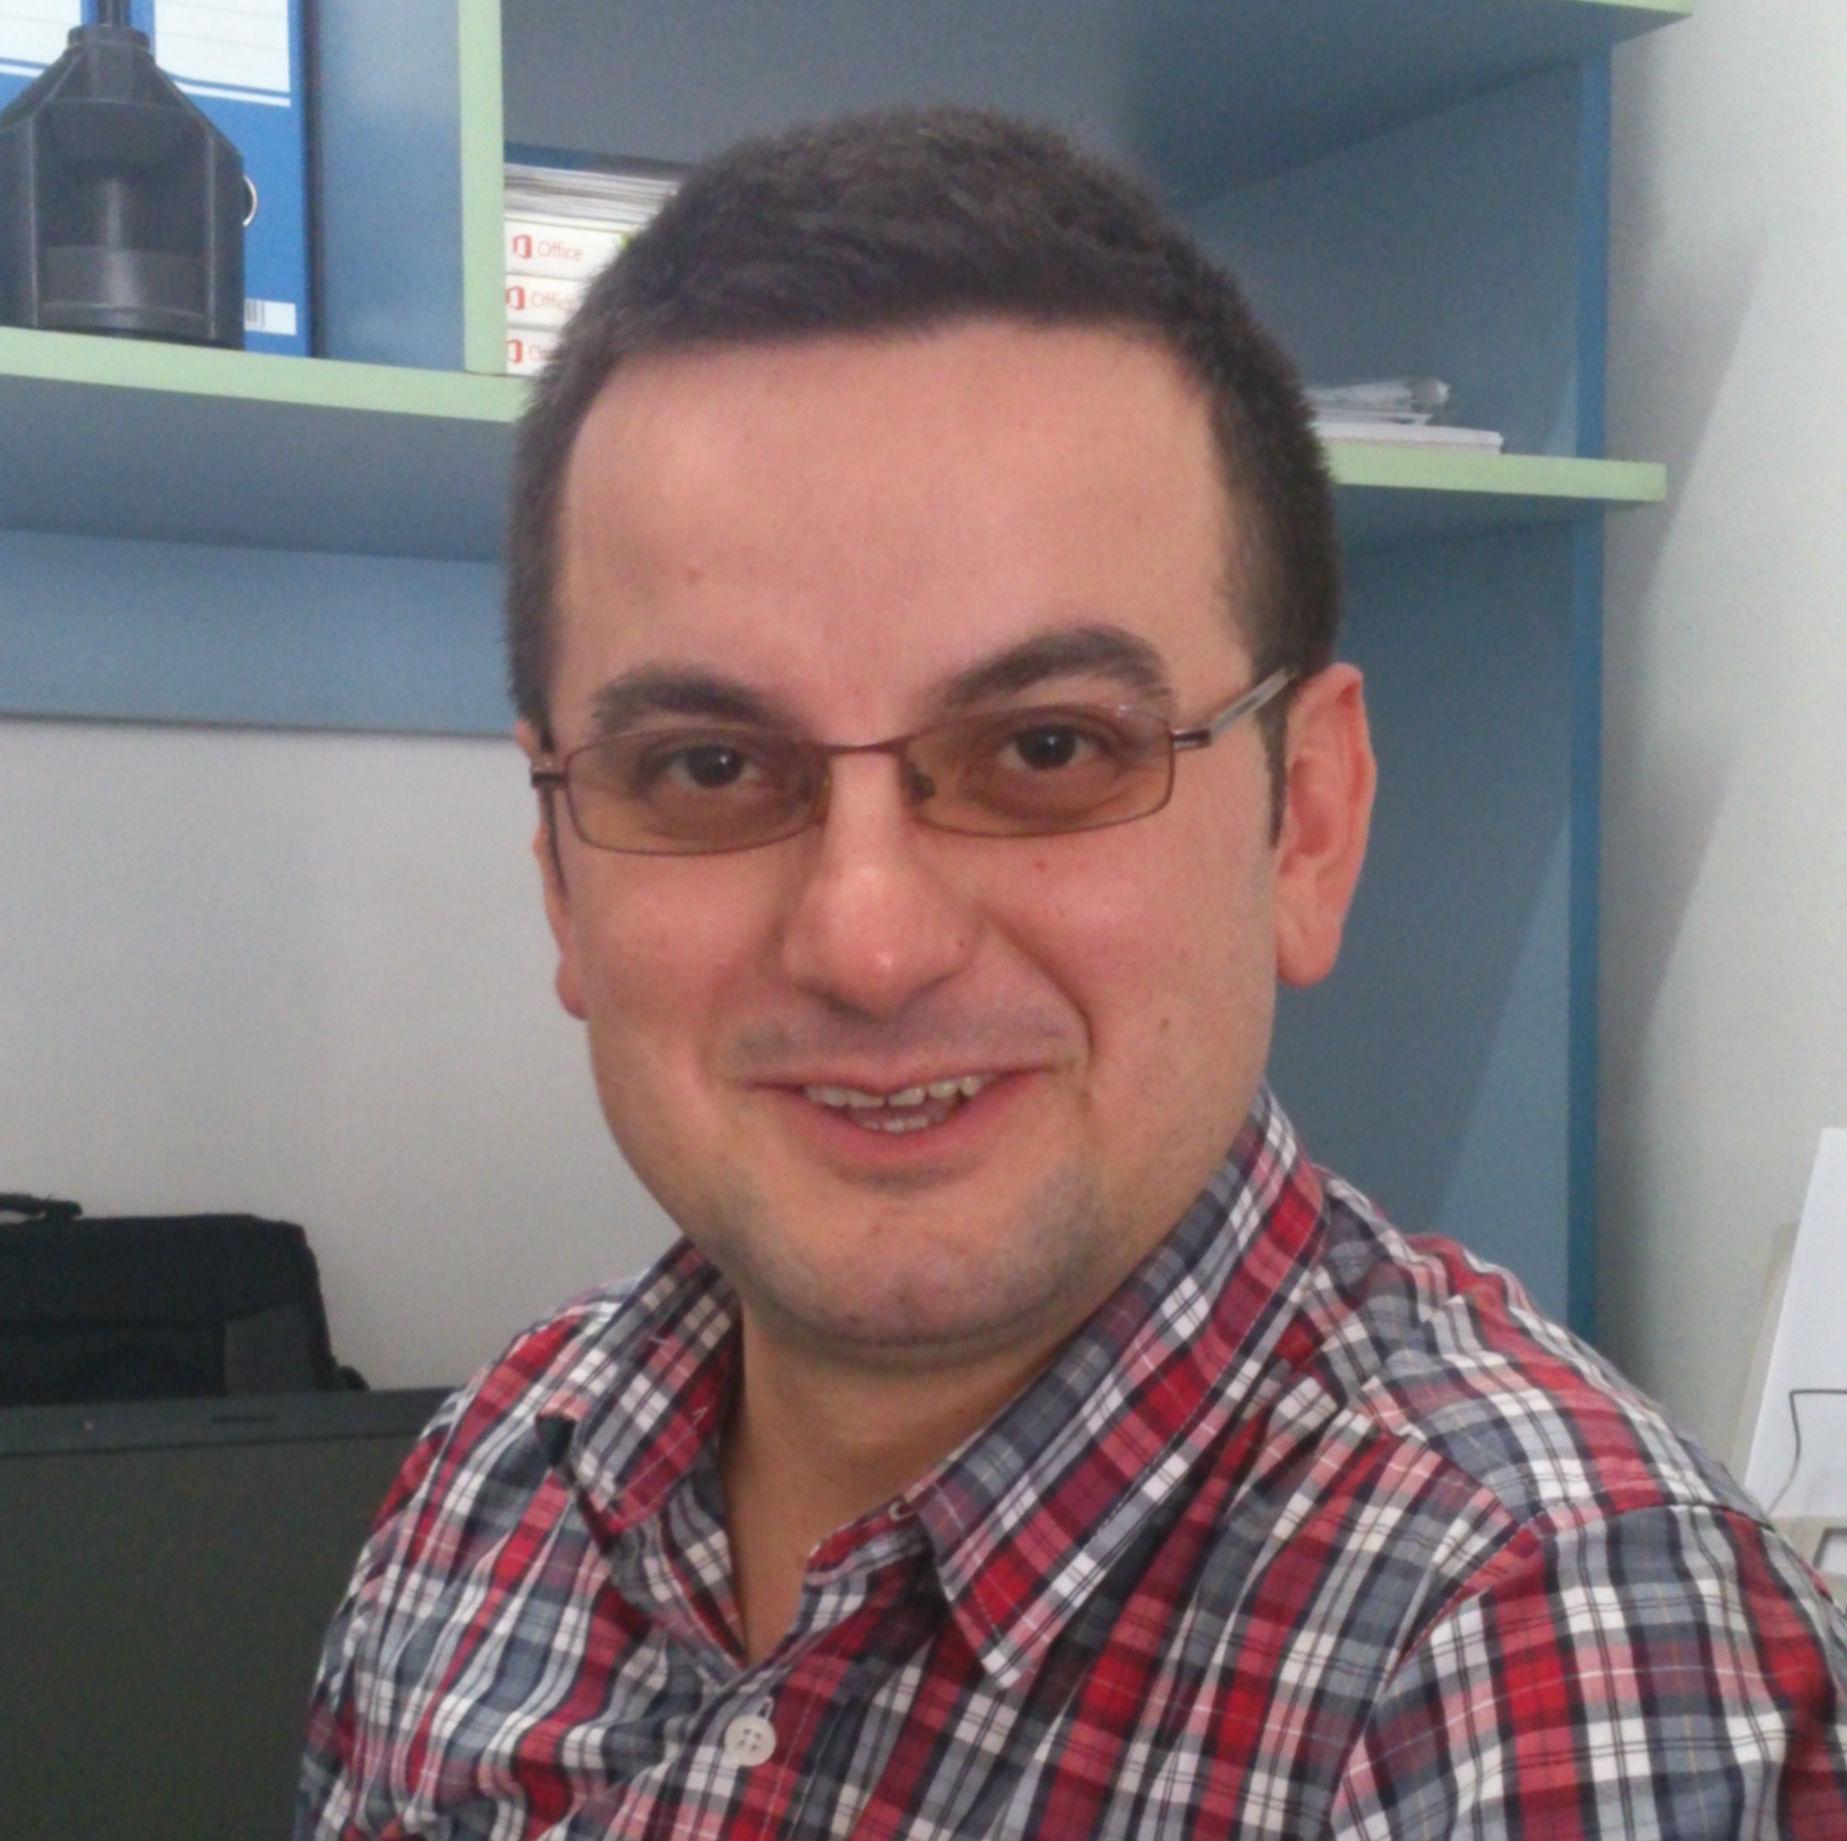 Josip Lukin